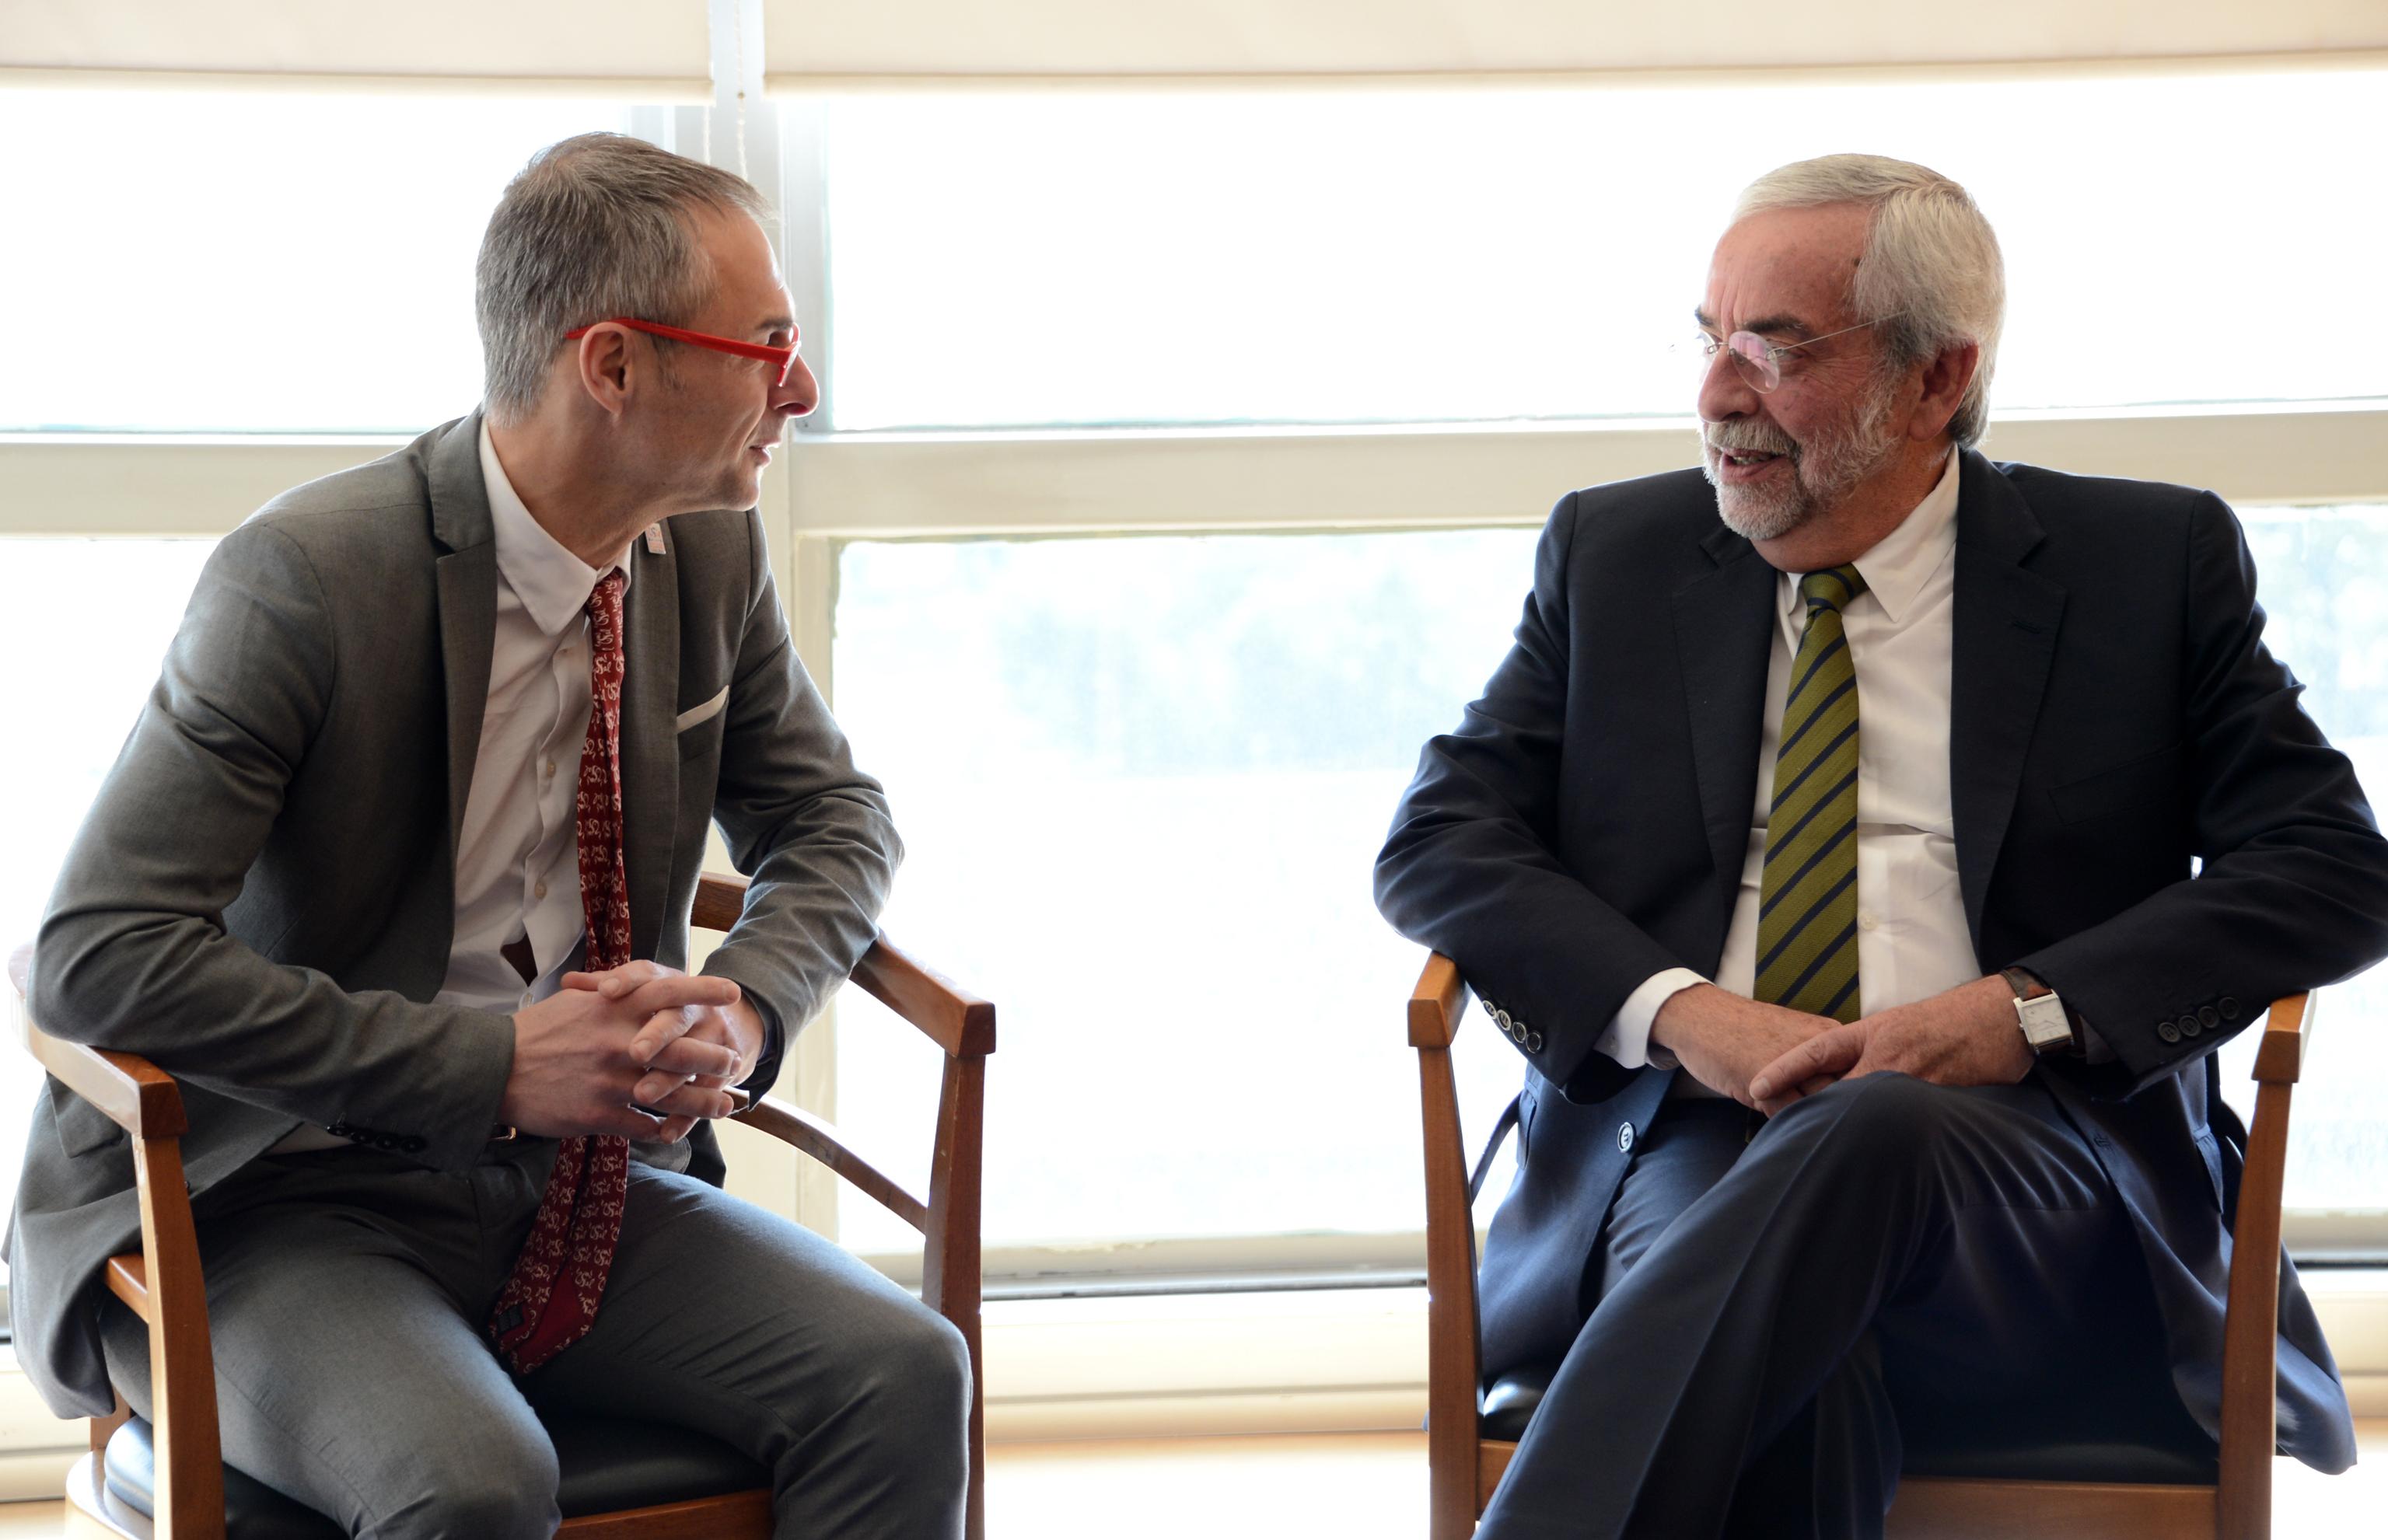 La Universidad de Salamanca refuerza sus lazos con México tras la visita institucional del rector al país americano